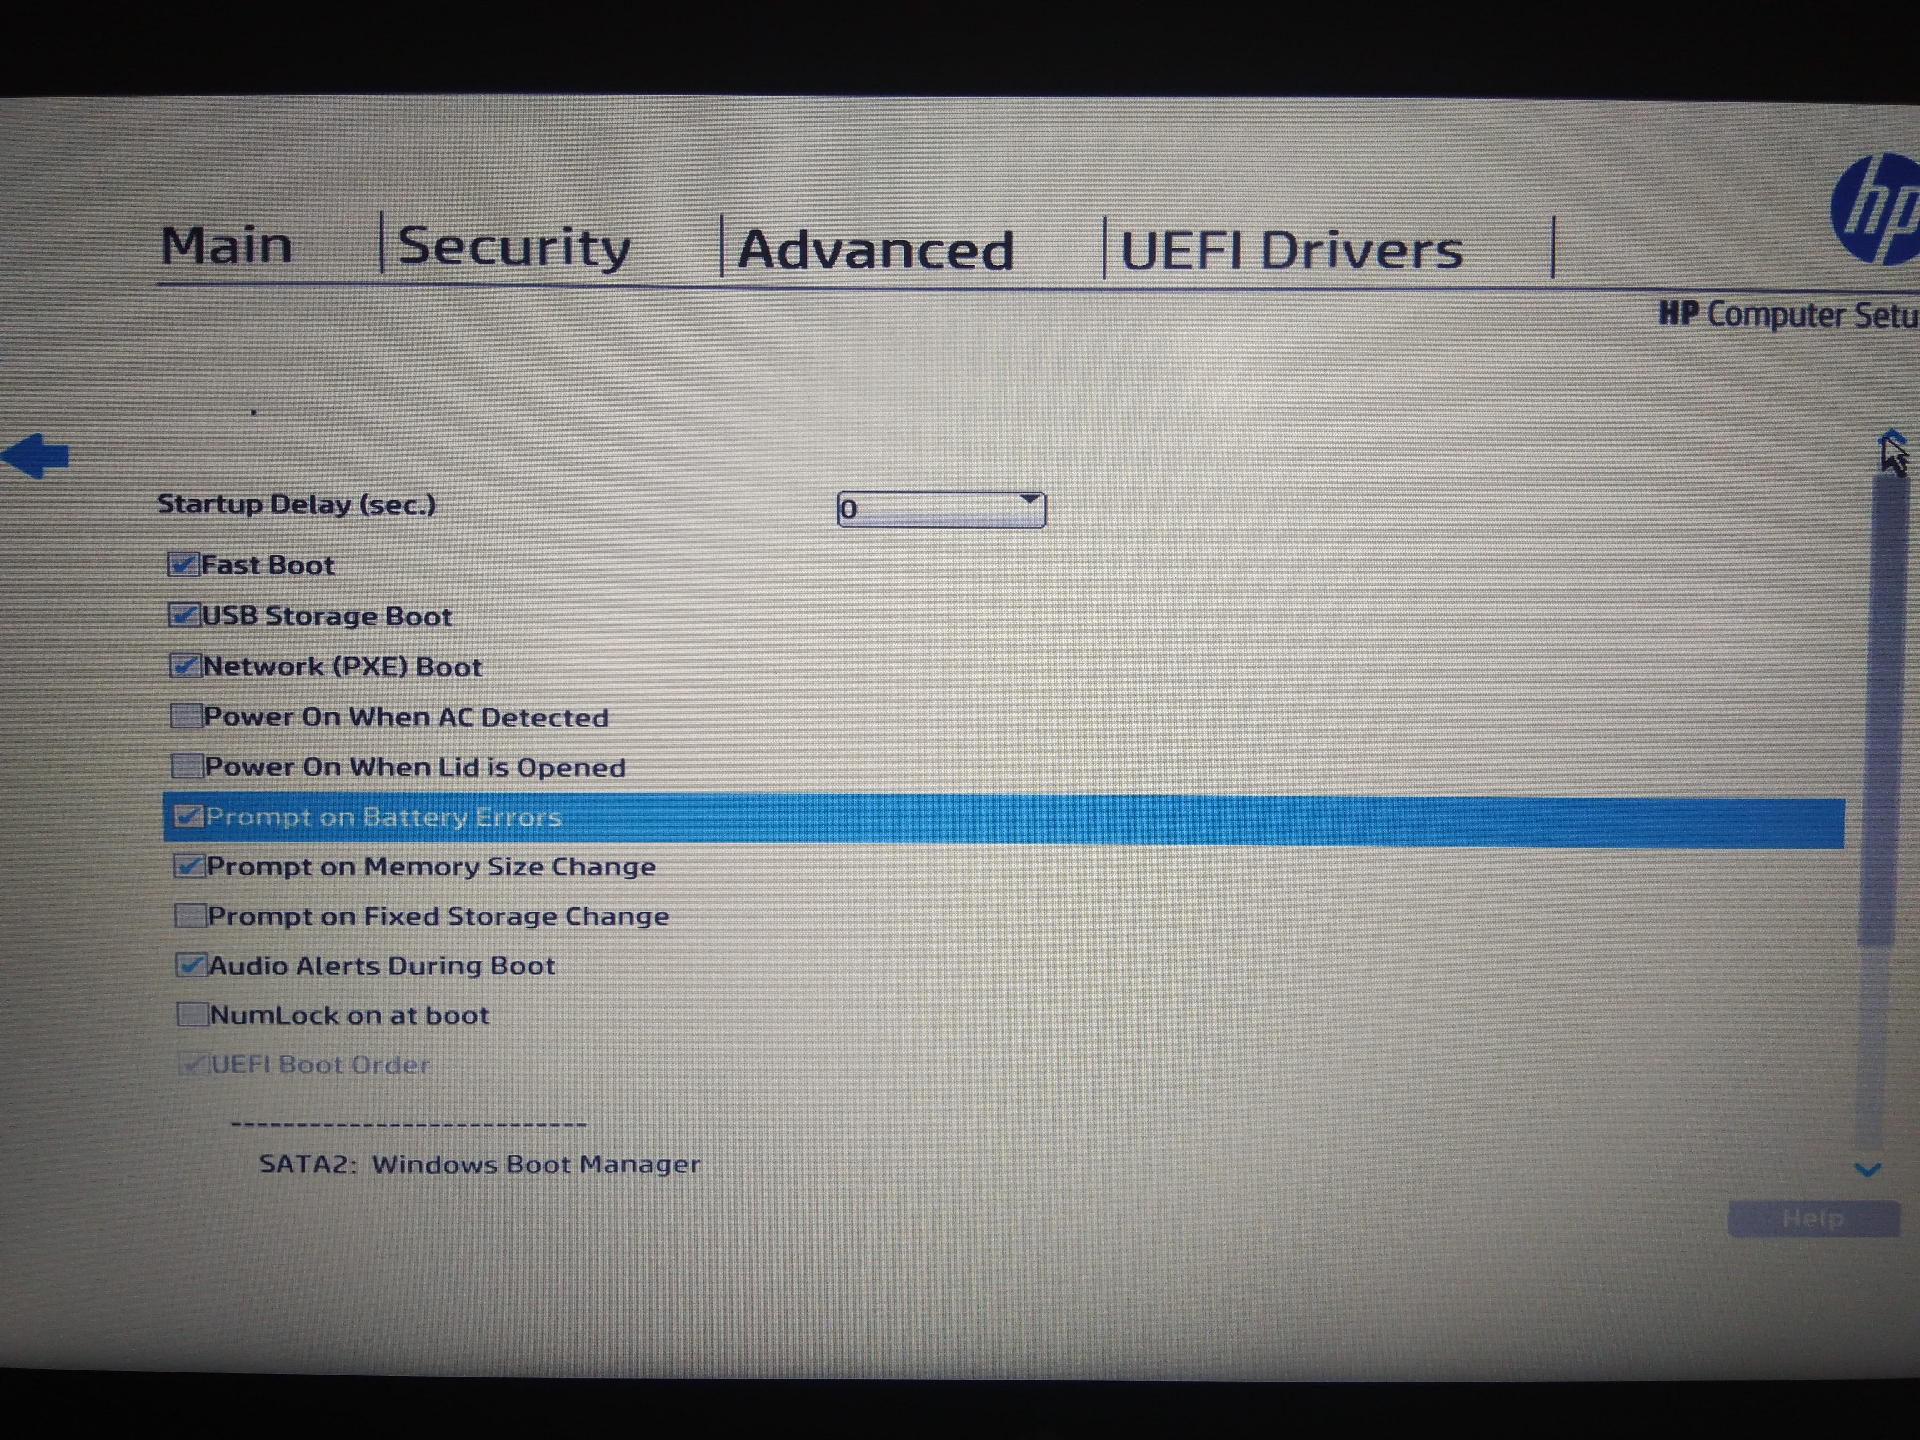 hp 840 g4 tpm firmware update